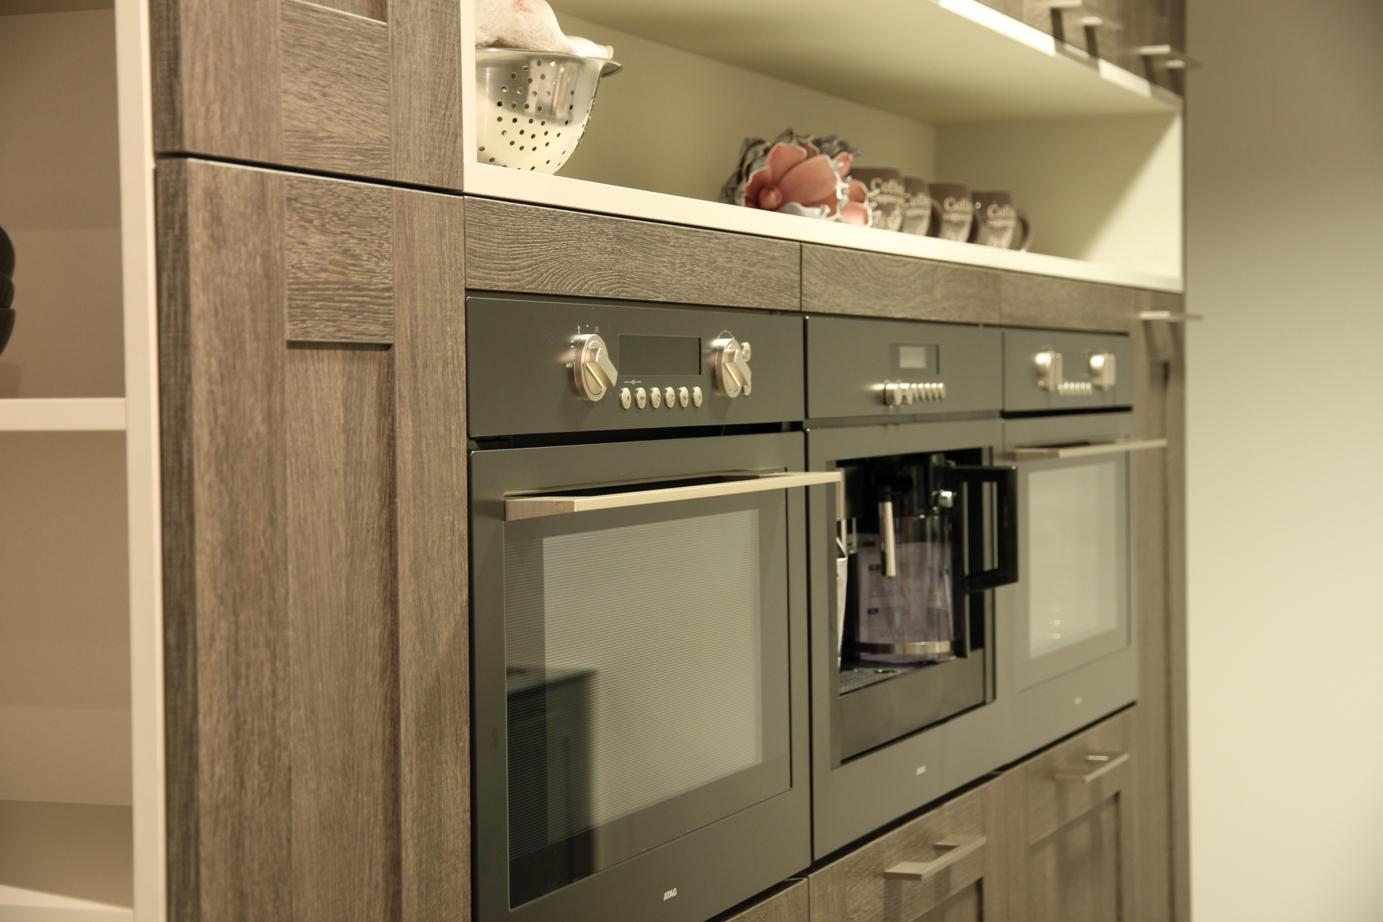 Keuken Met Kookeiland Te Koop : Keuken met kookeiland. Exclusieve Old Wood keuken. – DB Keukens